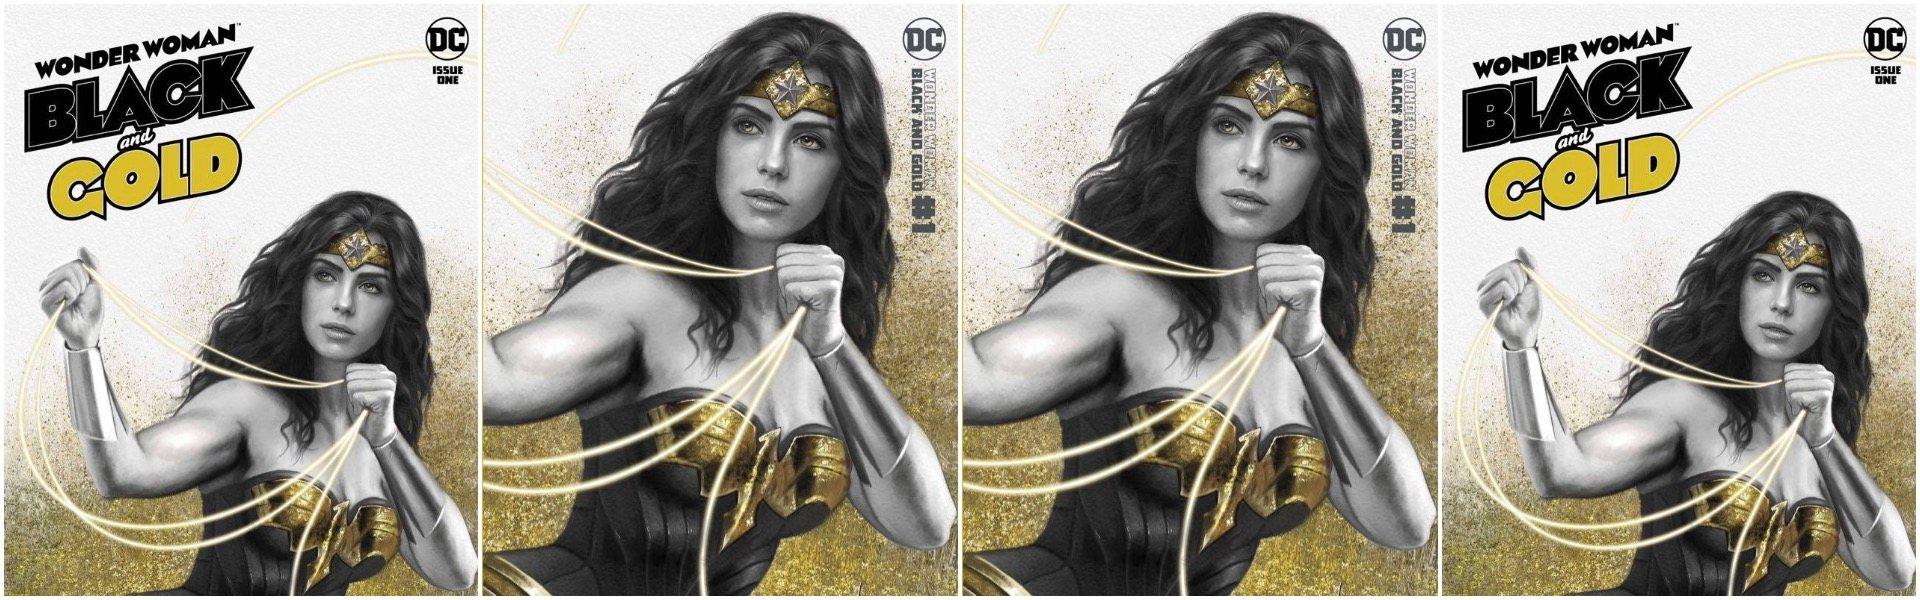 Wonder Woman Black & Gold #1 Carla Cohen Exclusives